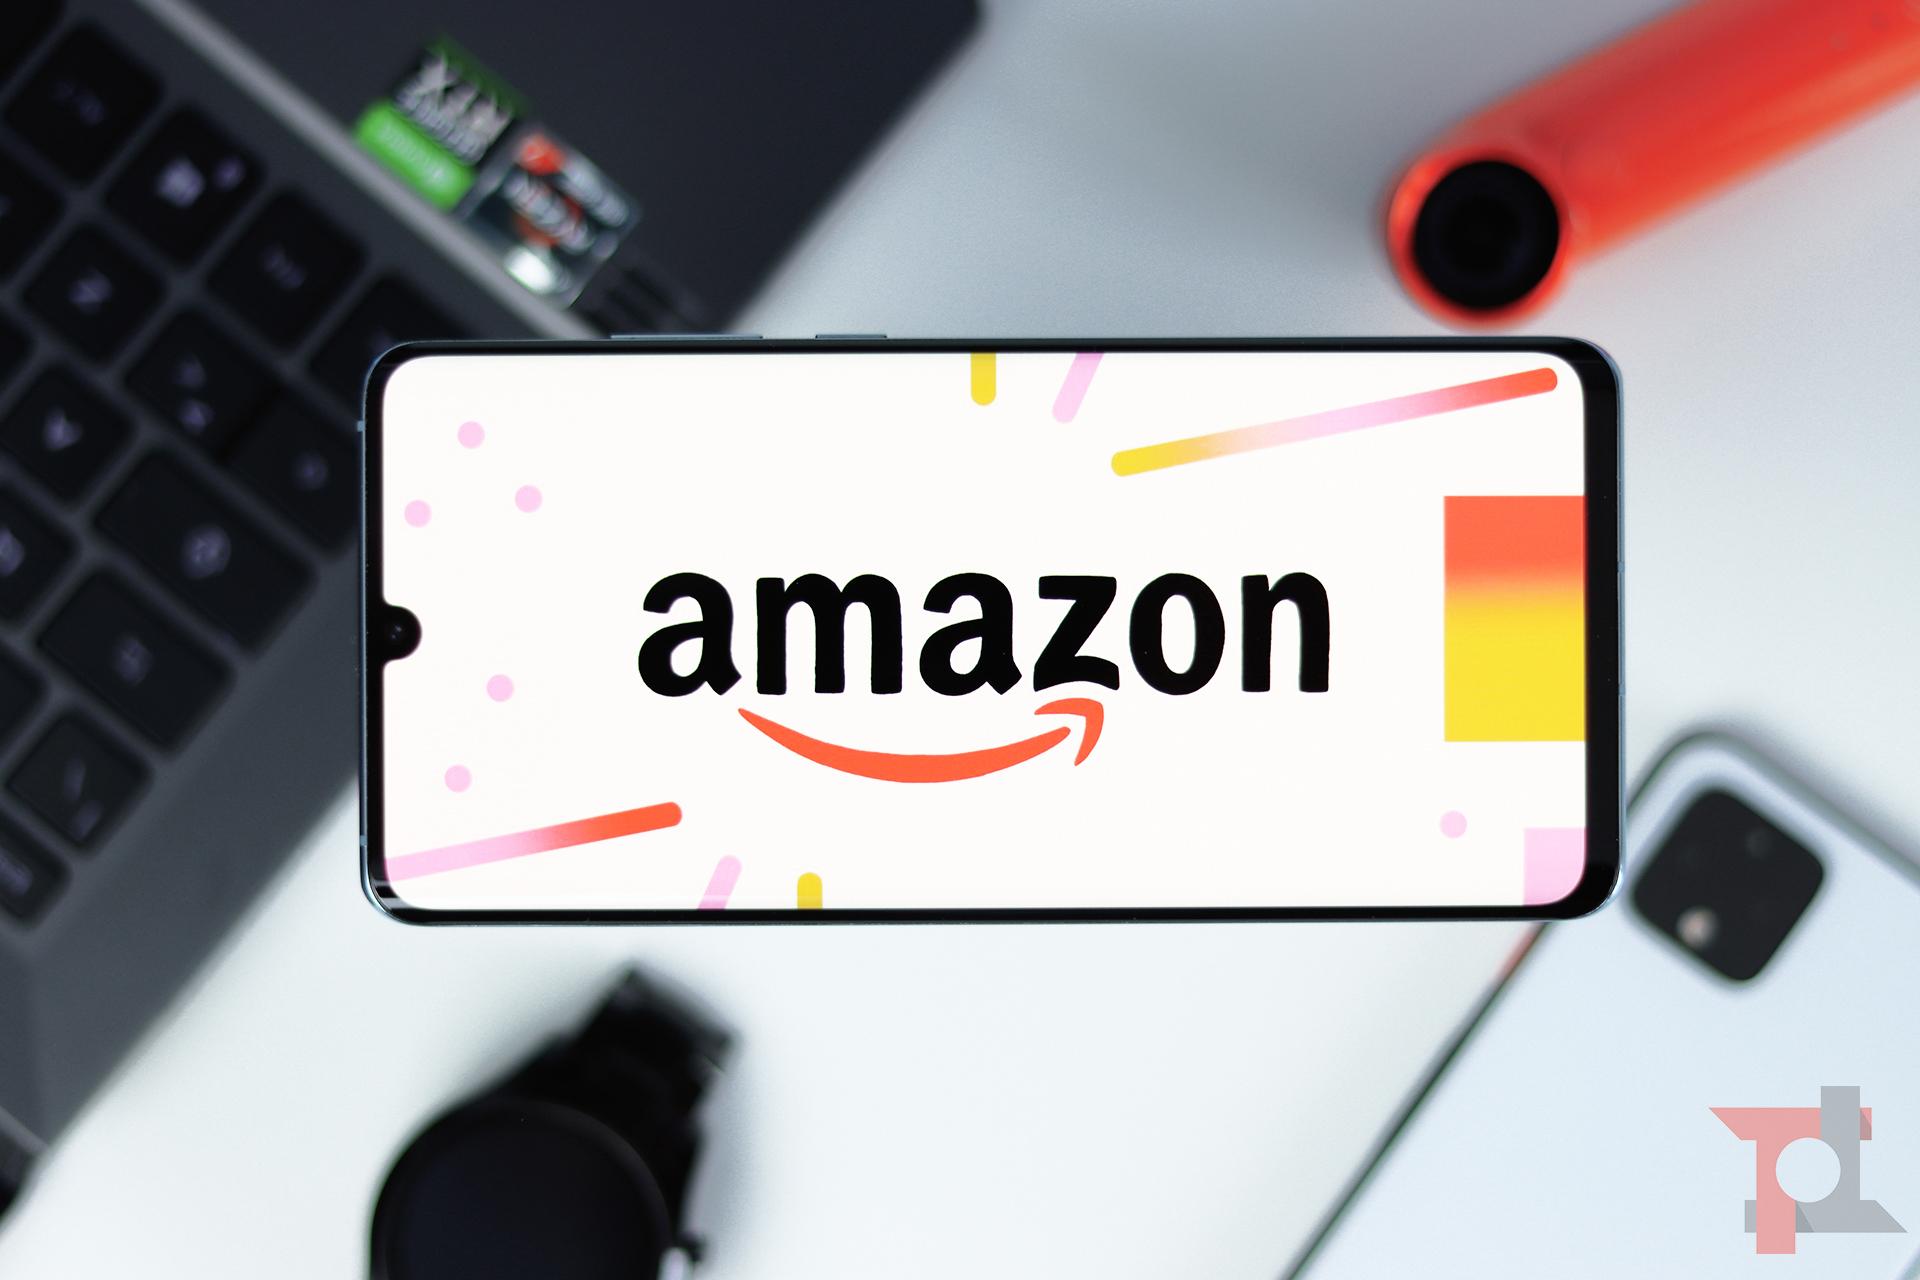 Se stai cercando un notebook oggi è il giorno giusto con le migliori offerte Amazon